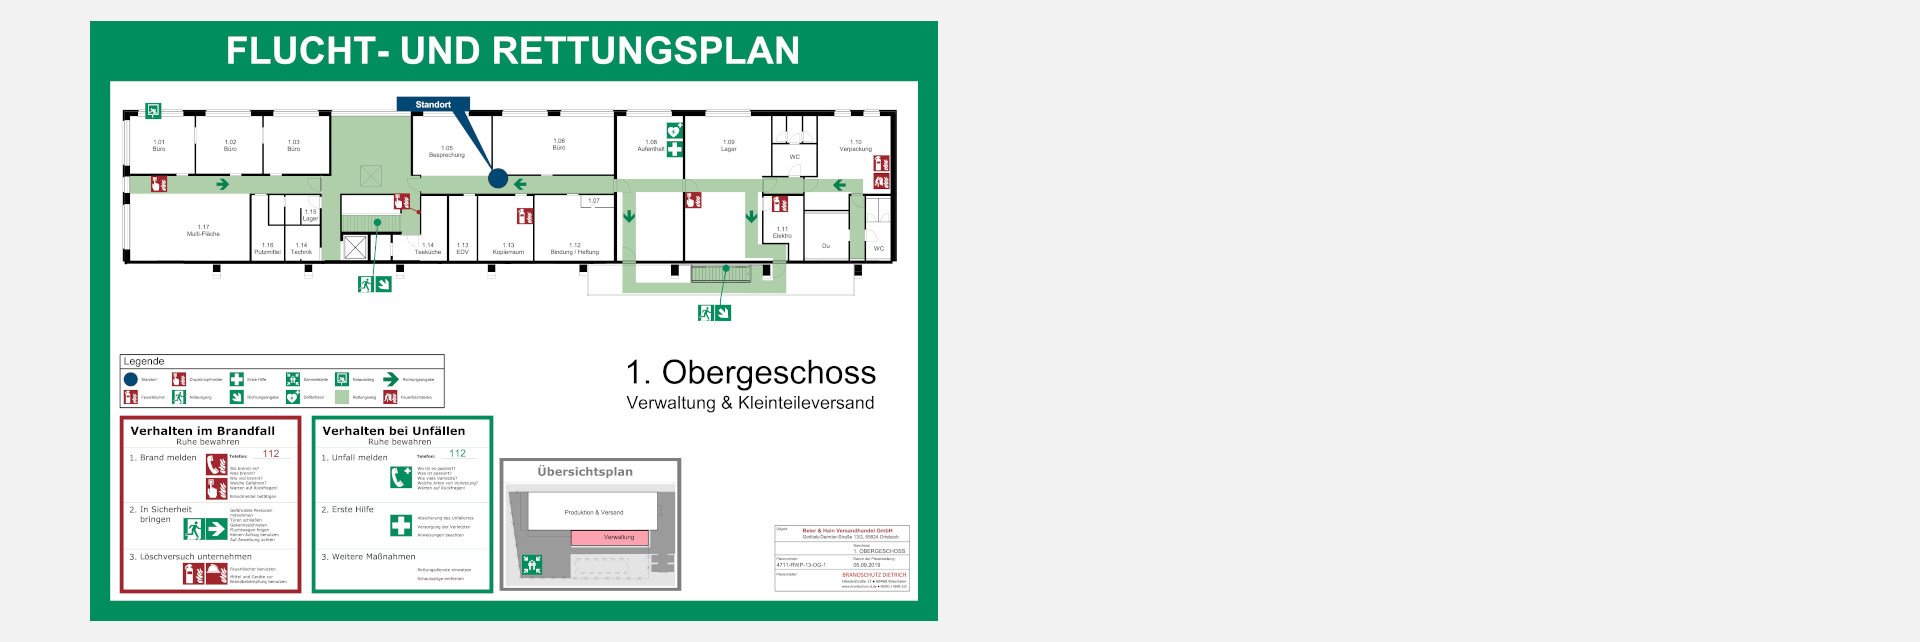 Flucht- und Rettungsplan nach DIN ISO 23 601